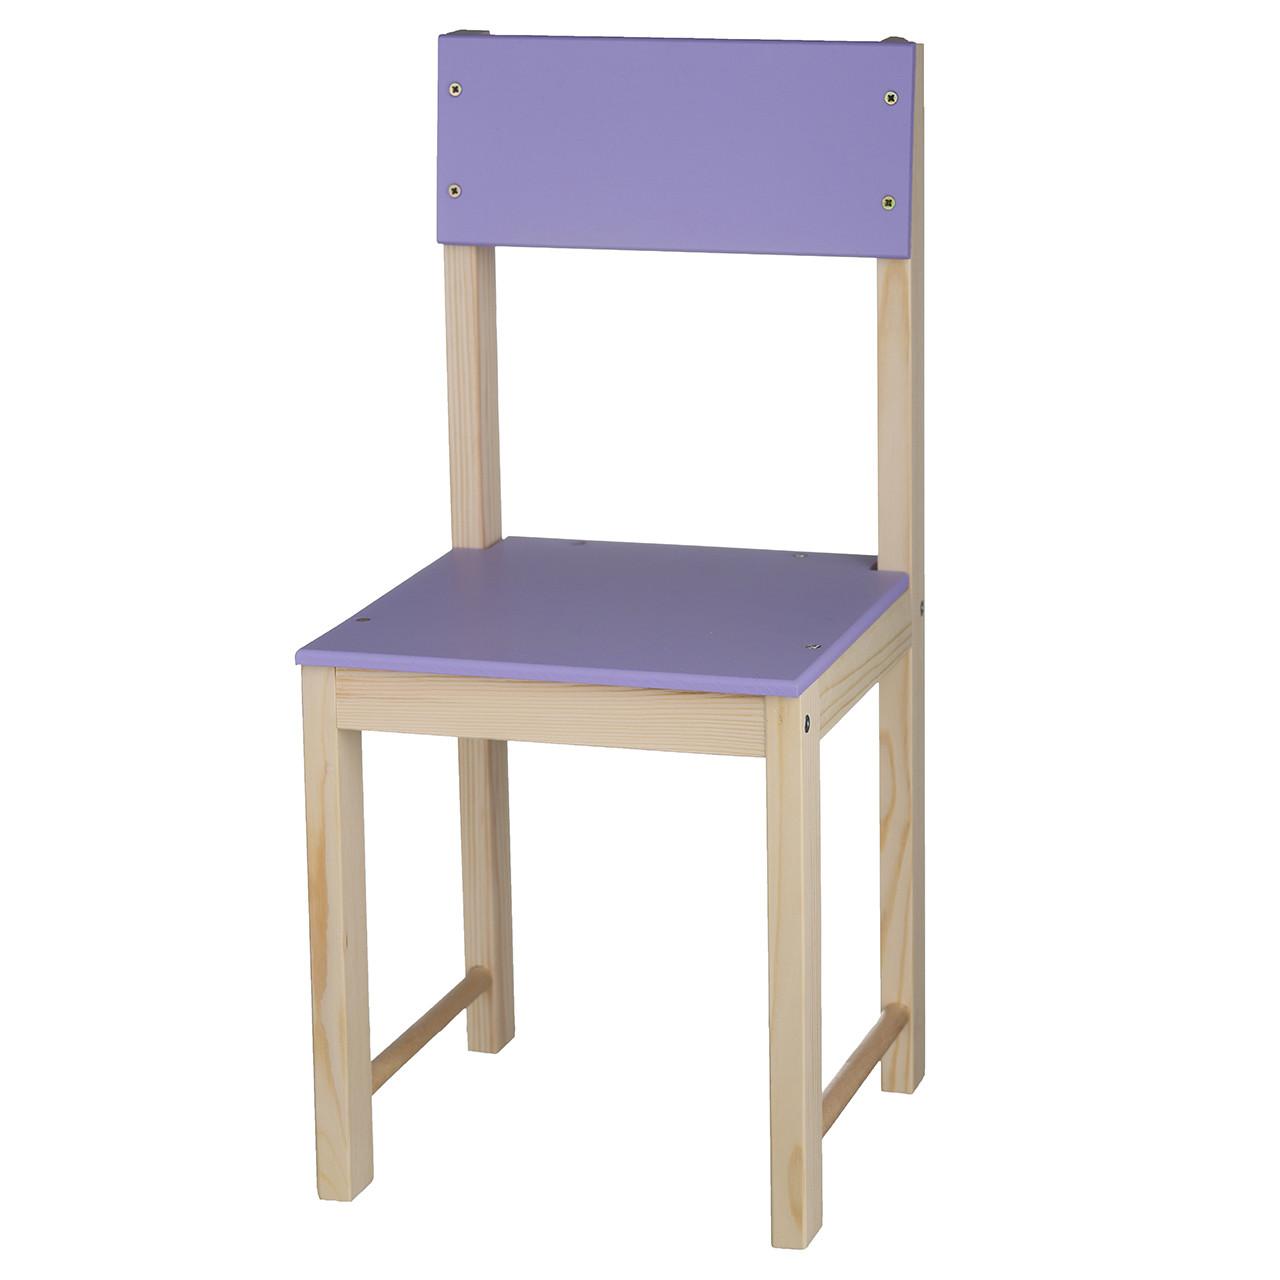 Детский стульчик деревянный ИГРУША 64 см Фиолетовый